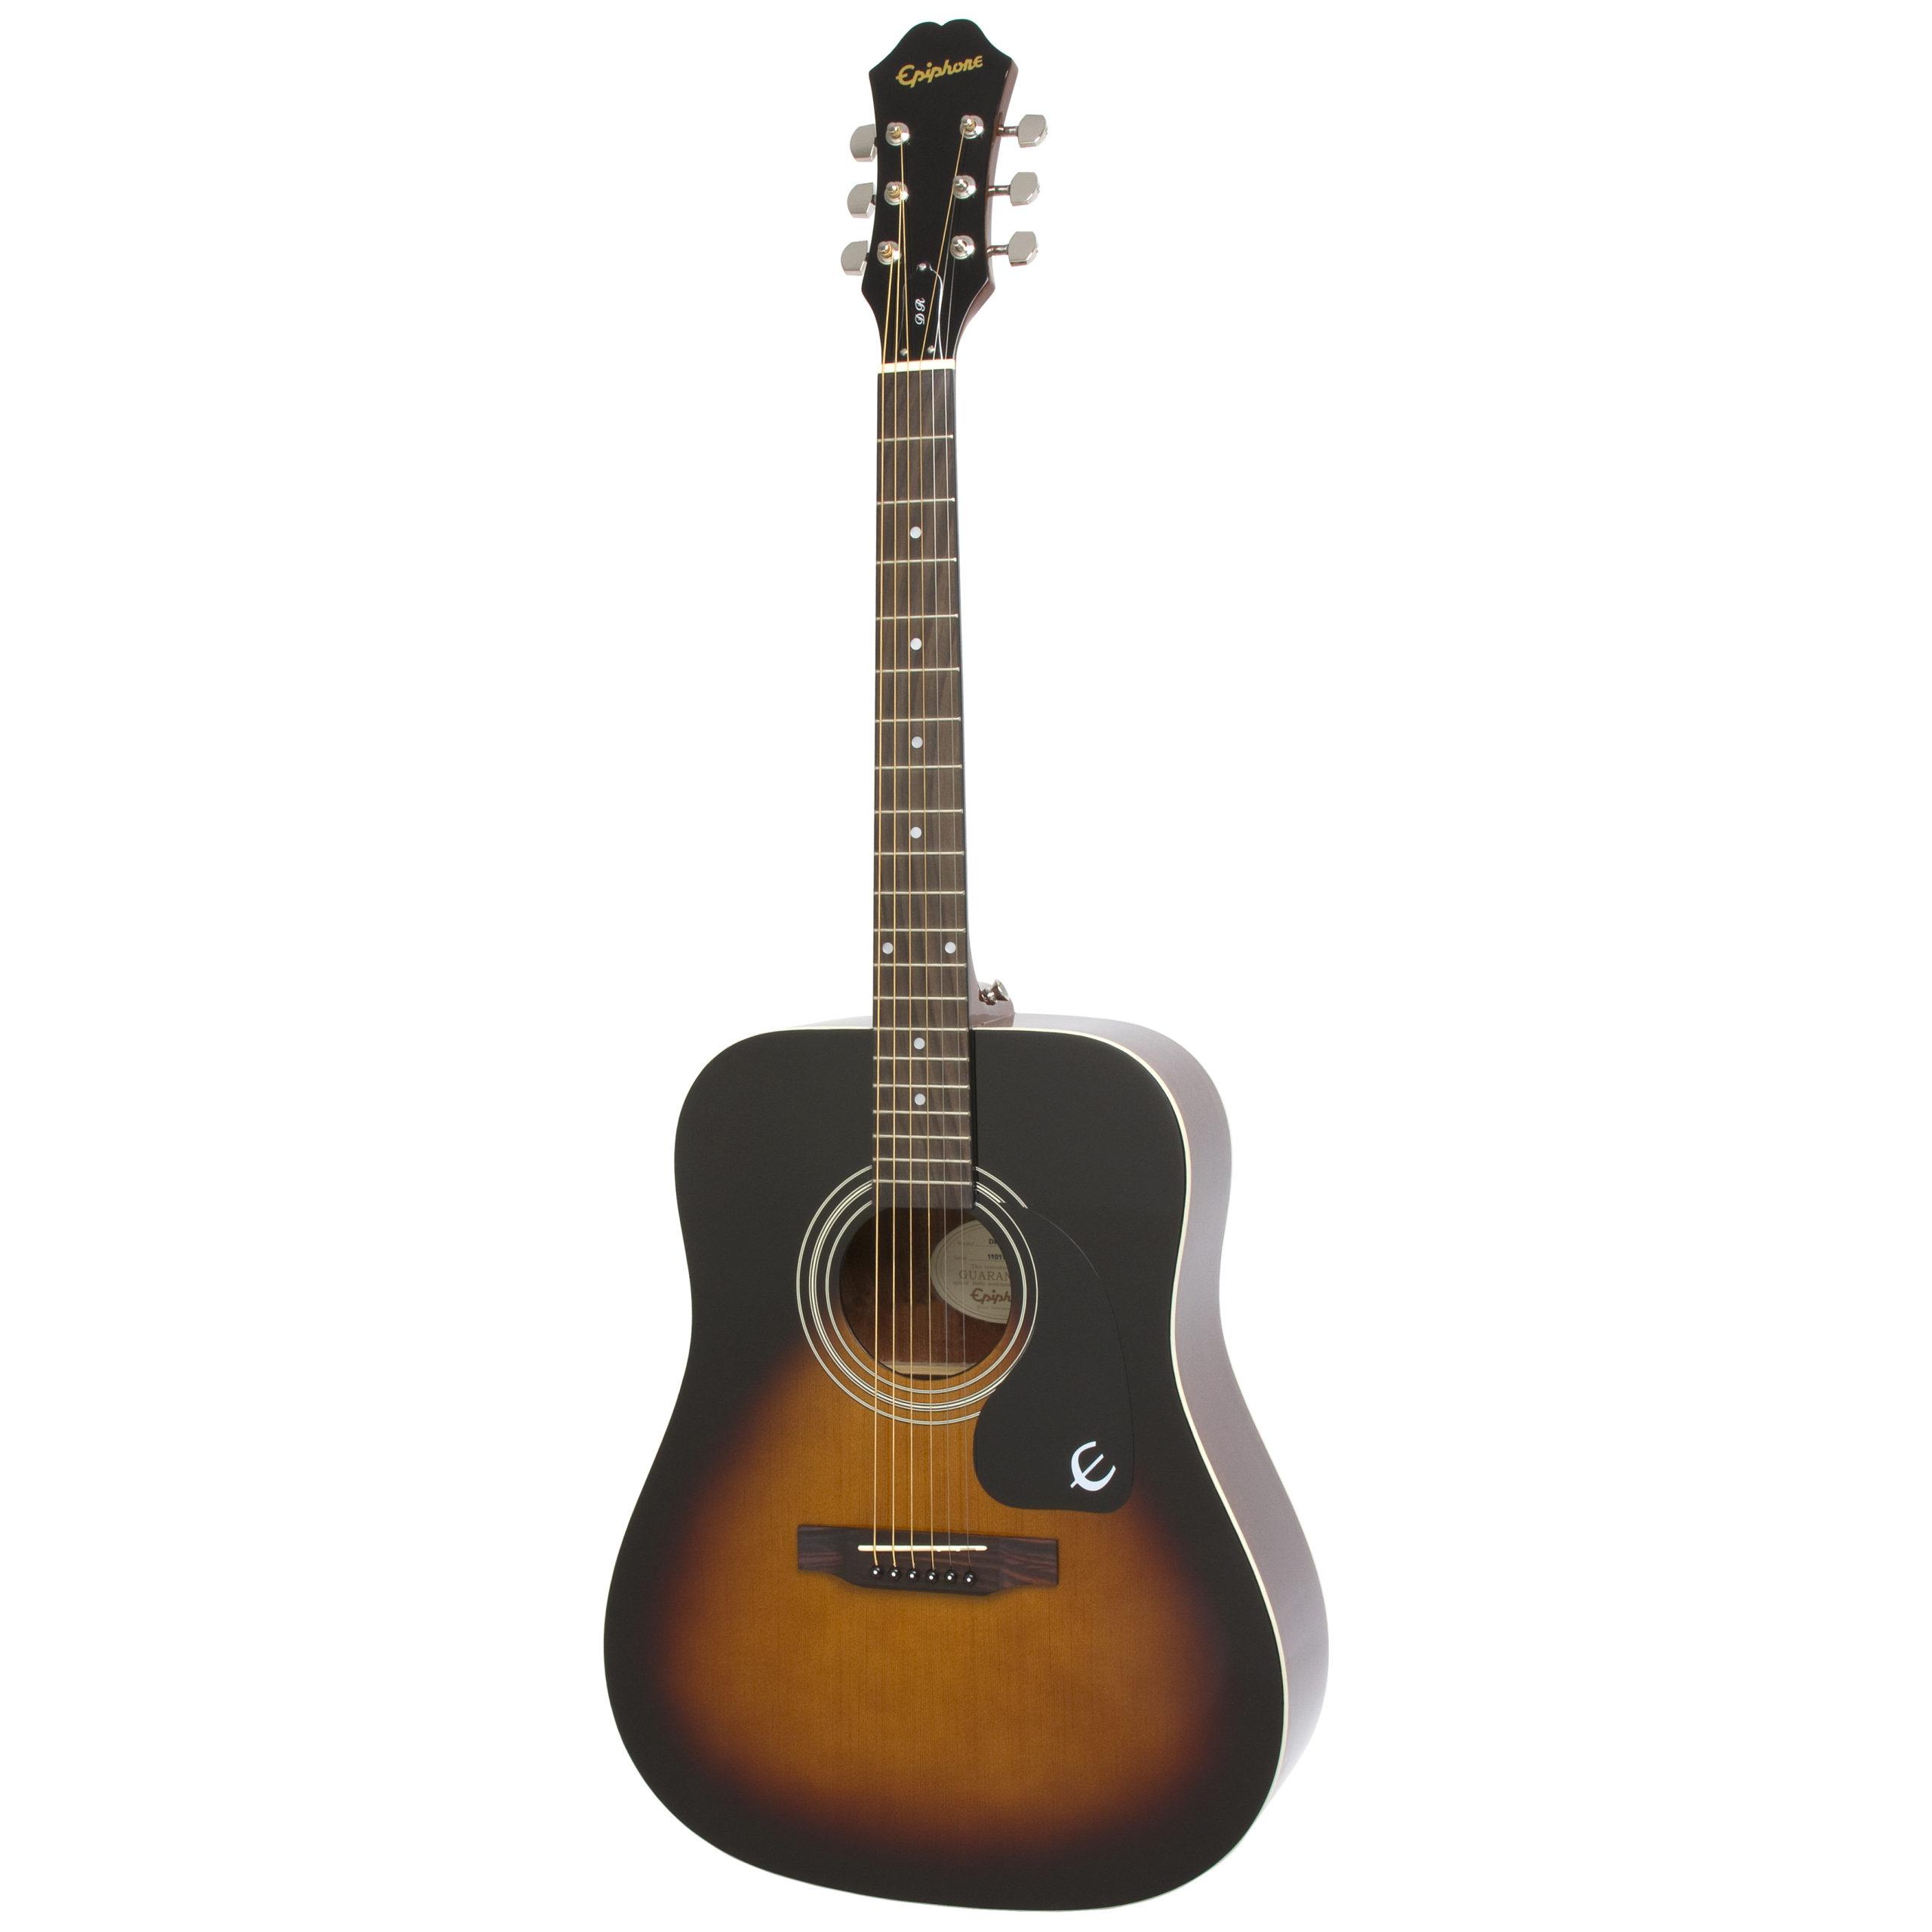 Epiphone DR-100 - Vintage Sunburst Guitar